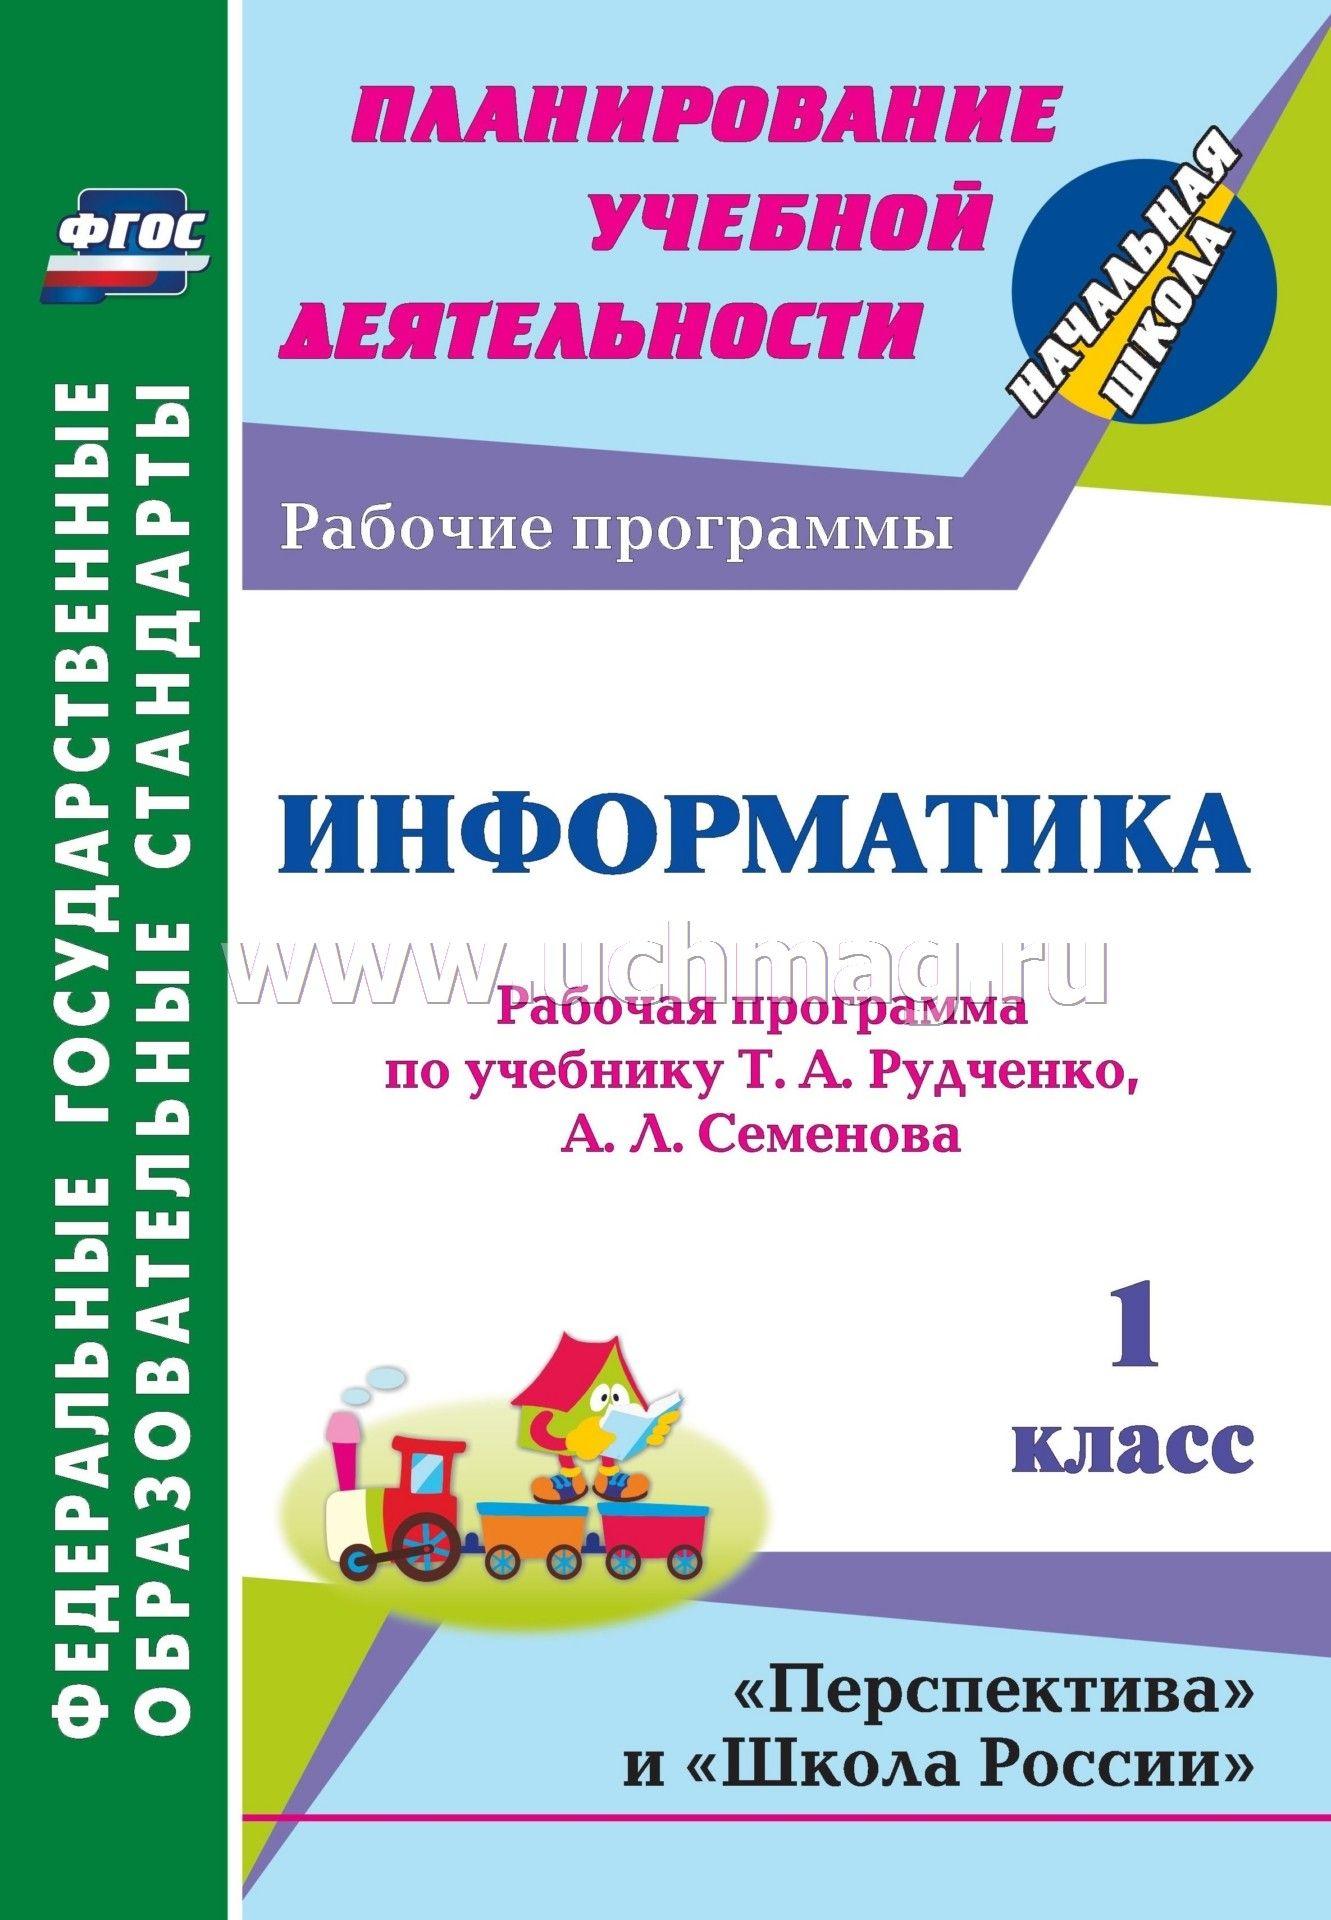 Календарно-тематическое планирование информатика 1 класс фгос рудченко удд